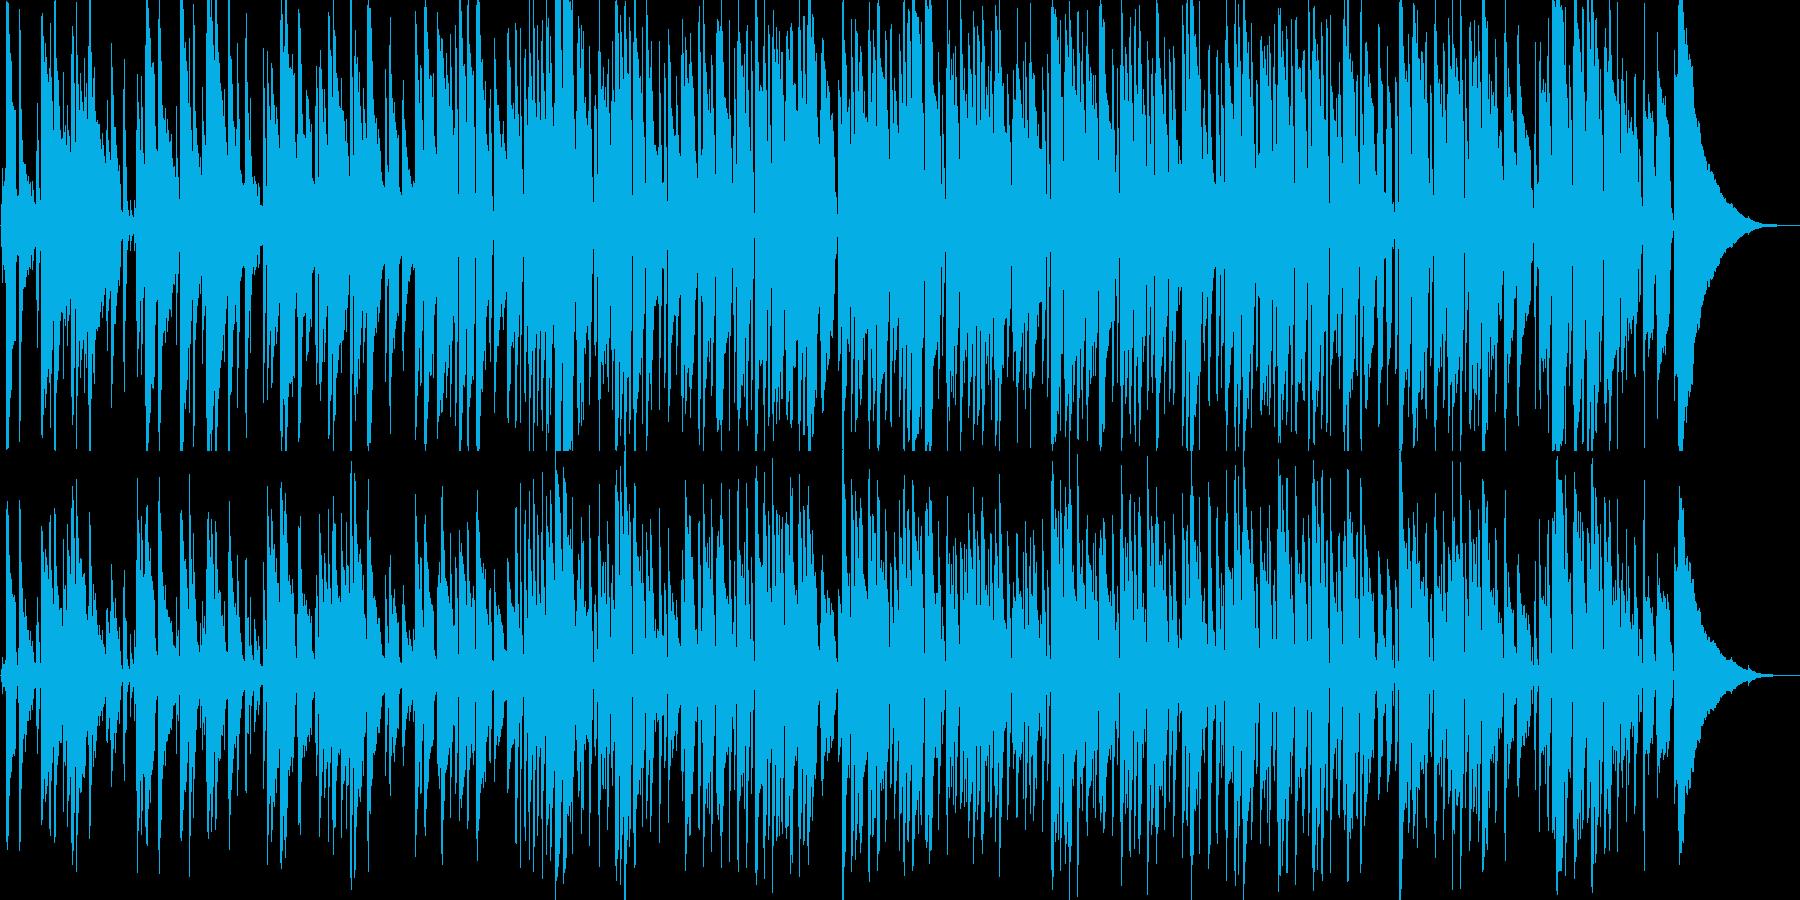 明るいゆっくりしたテンポのピアノ音の再生済みの波形